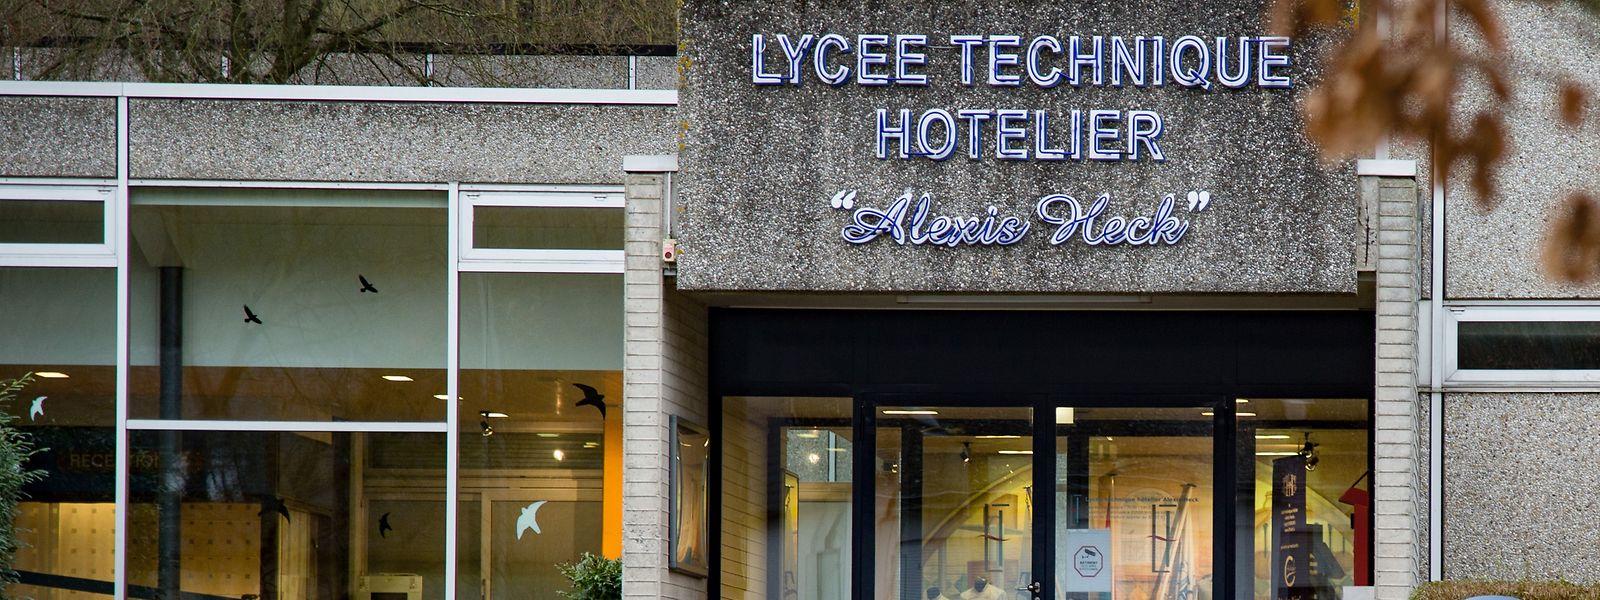 Das Hotelschulgebäude in der Diekircher Rue Merten soll auch einer Instandsetzung unterzogen werden.